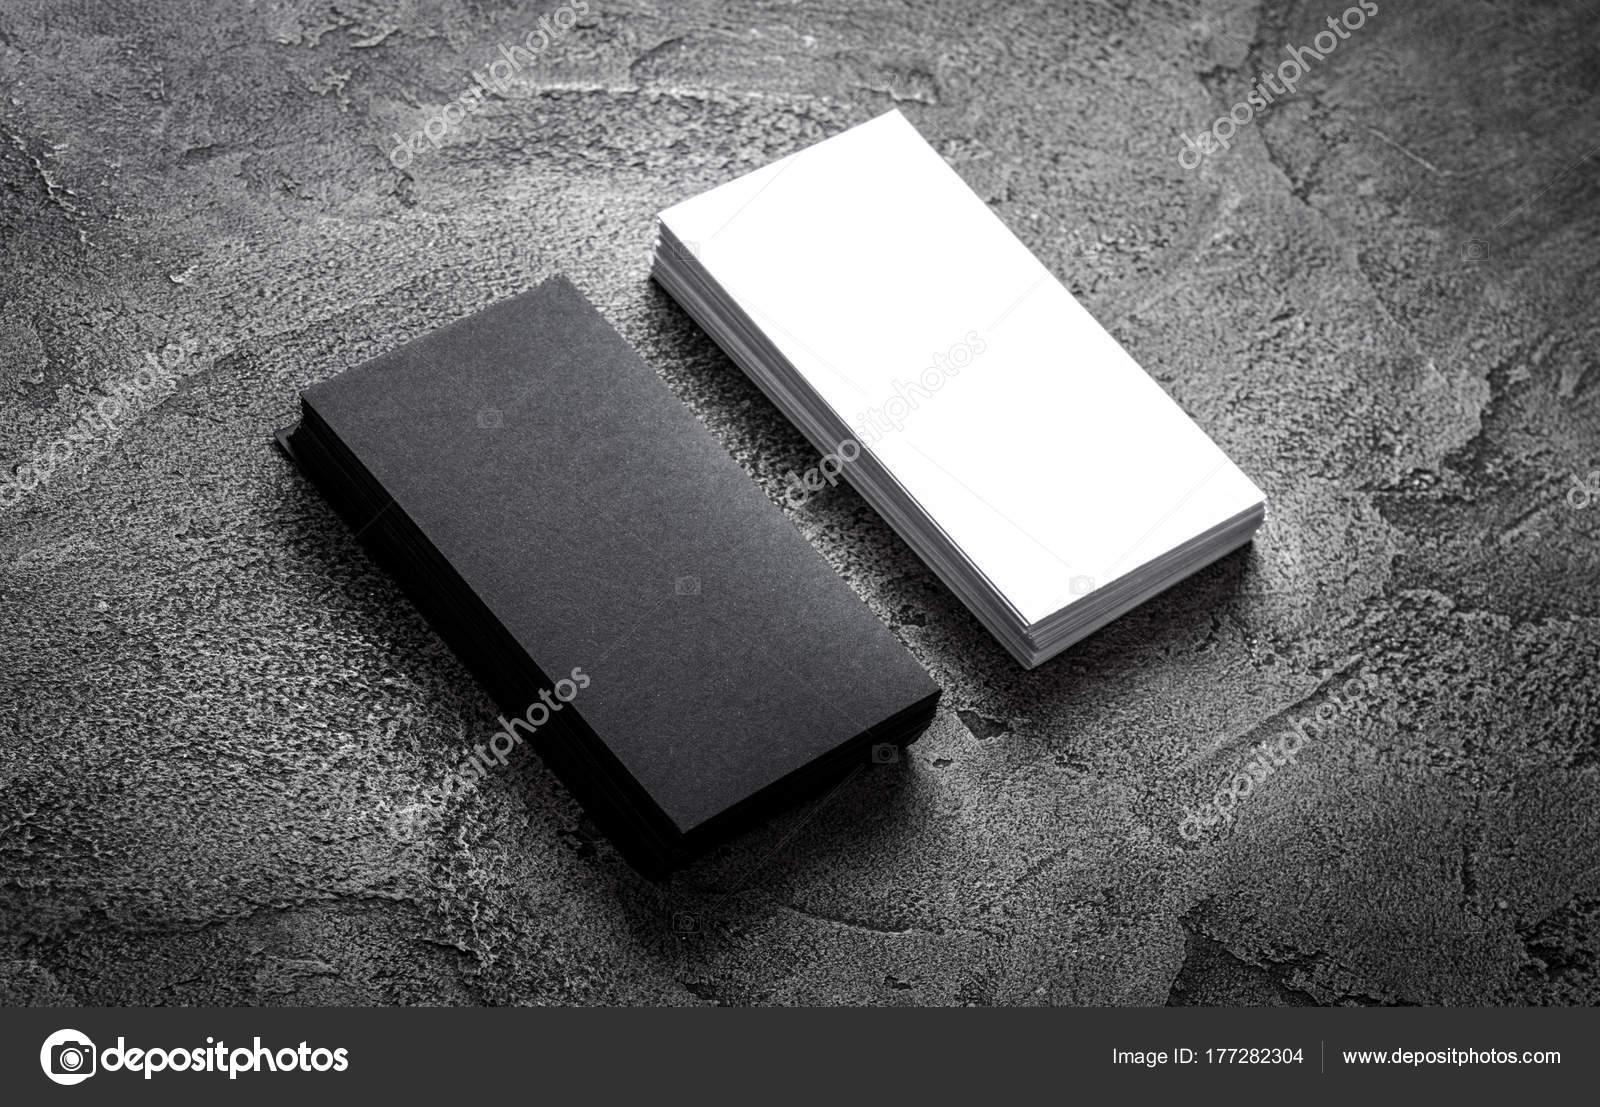 Modele De Carte Visite Papier Noir Sur Fond Gris Vierge Pour Lespace Texte Image